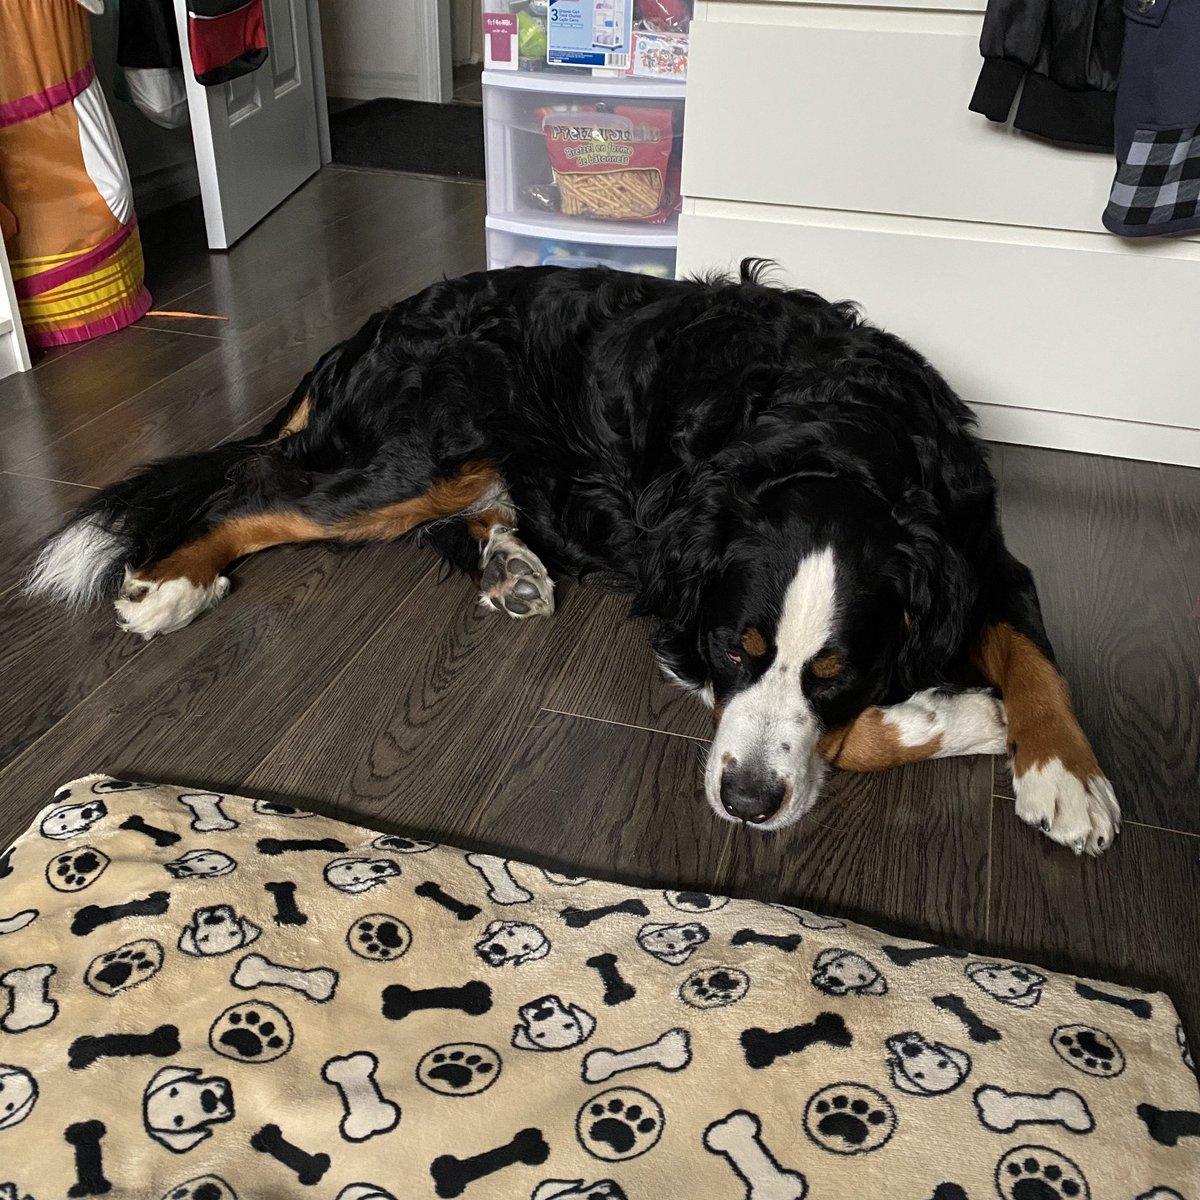 Monday mornings...  #dogsoftwitter #MondayMood pic.twitter.com/vUoodCLtAI